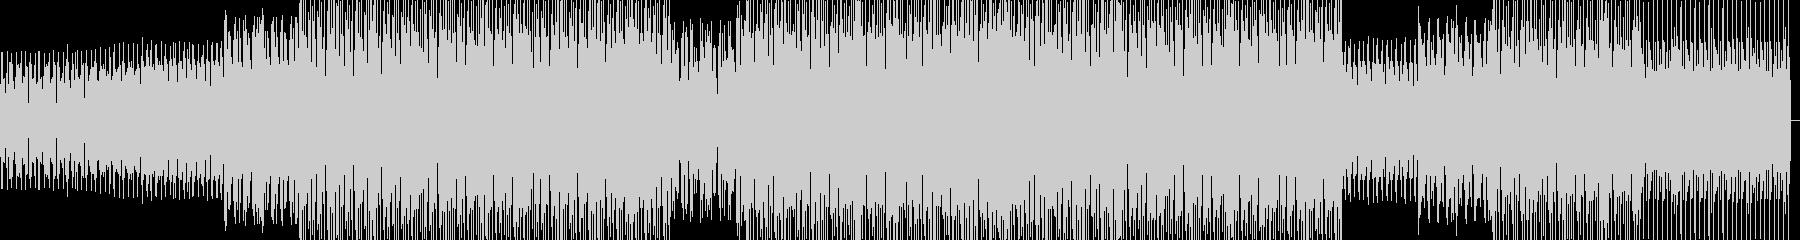 ディープ・ハウスの未再生の波形